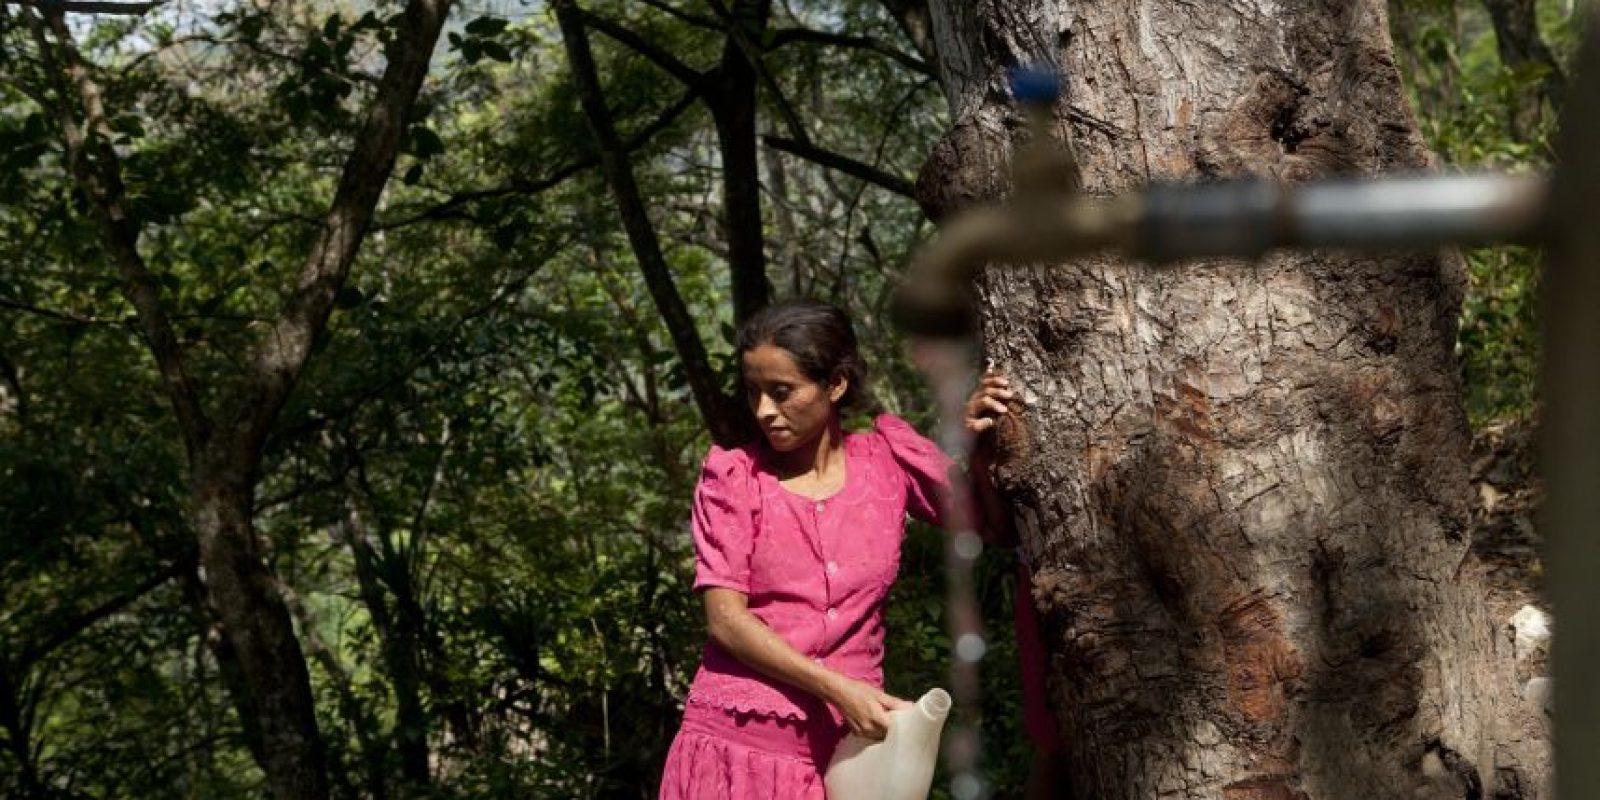 En esta fotografía del 1 de junio de 2016, una mujer espera su turno para recolectar agua en el pueblo de Shalagua, en el estado oriental Chiquimula en Guatemala. El río Jupilingo es una de las principales fuentes de agua de la zona, pero su caudal ha disminuido considerablemente y las montañas que lo rodean están casi deforestadas en su totalidad. Foto:Moises Castillo/ AP